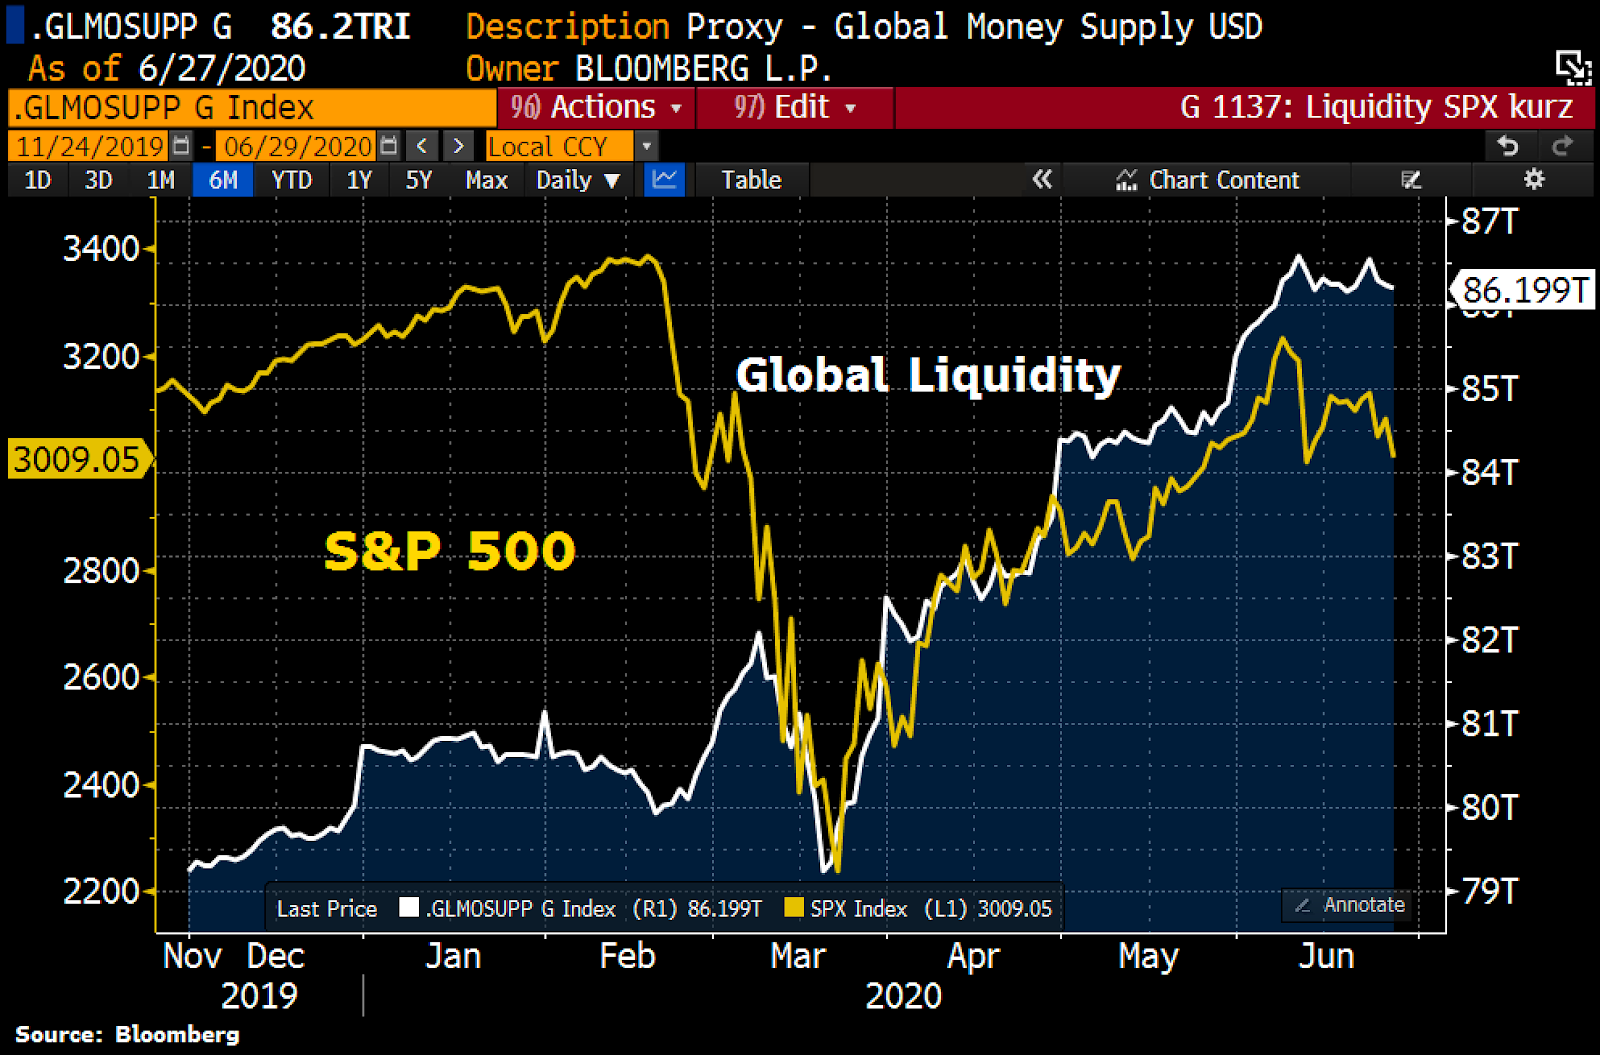 Correlación entre el mercado de valores de EE.UU. y la liquidez global. Fuente: Holger Zschaepitz, Bloomberg